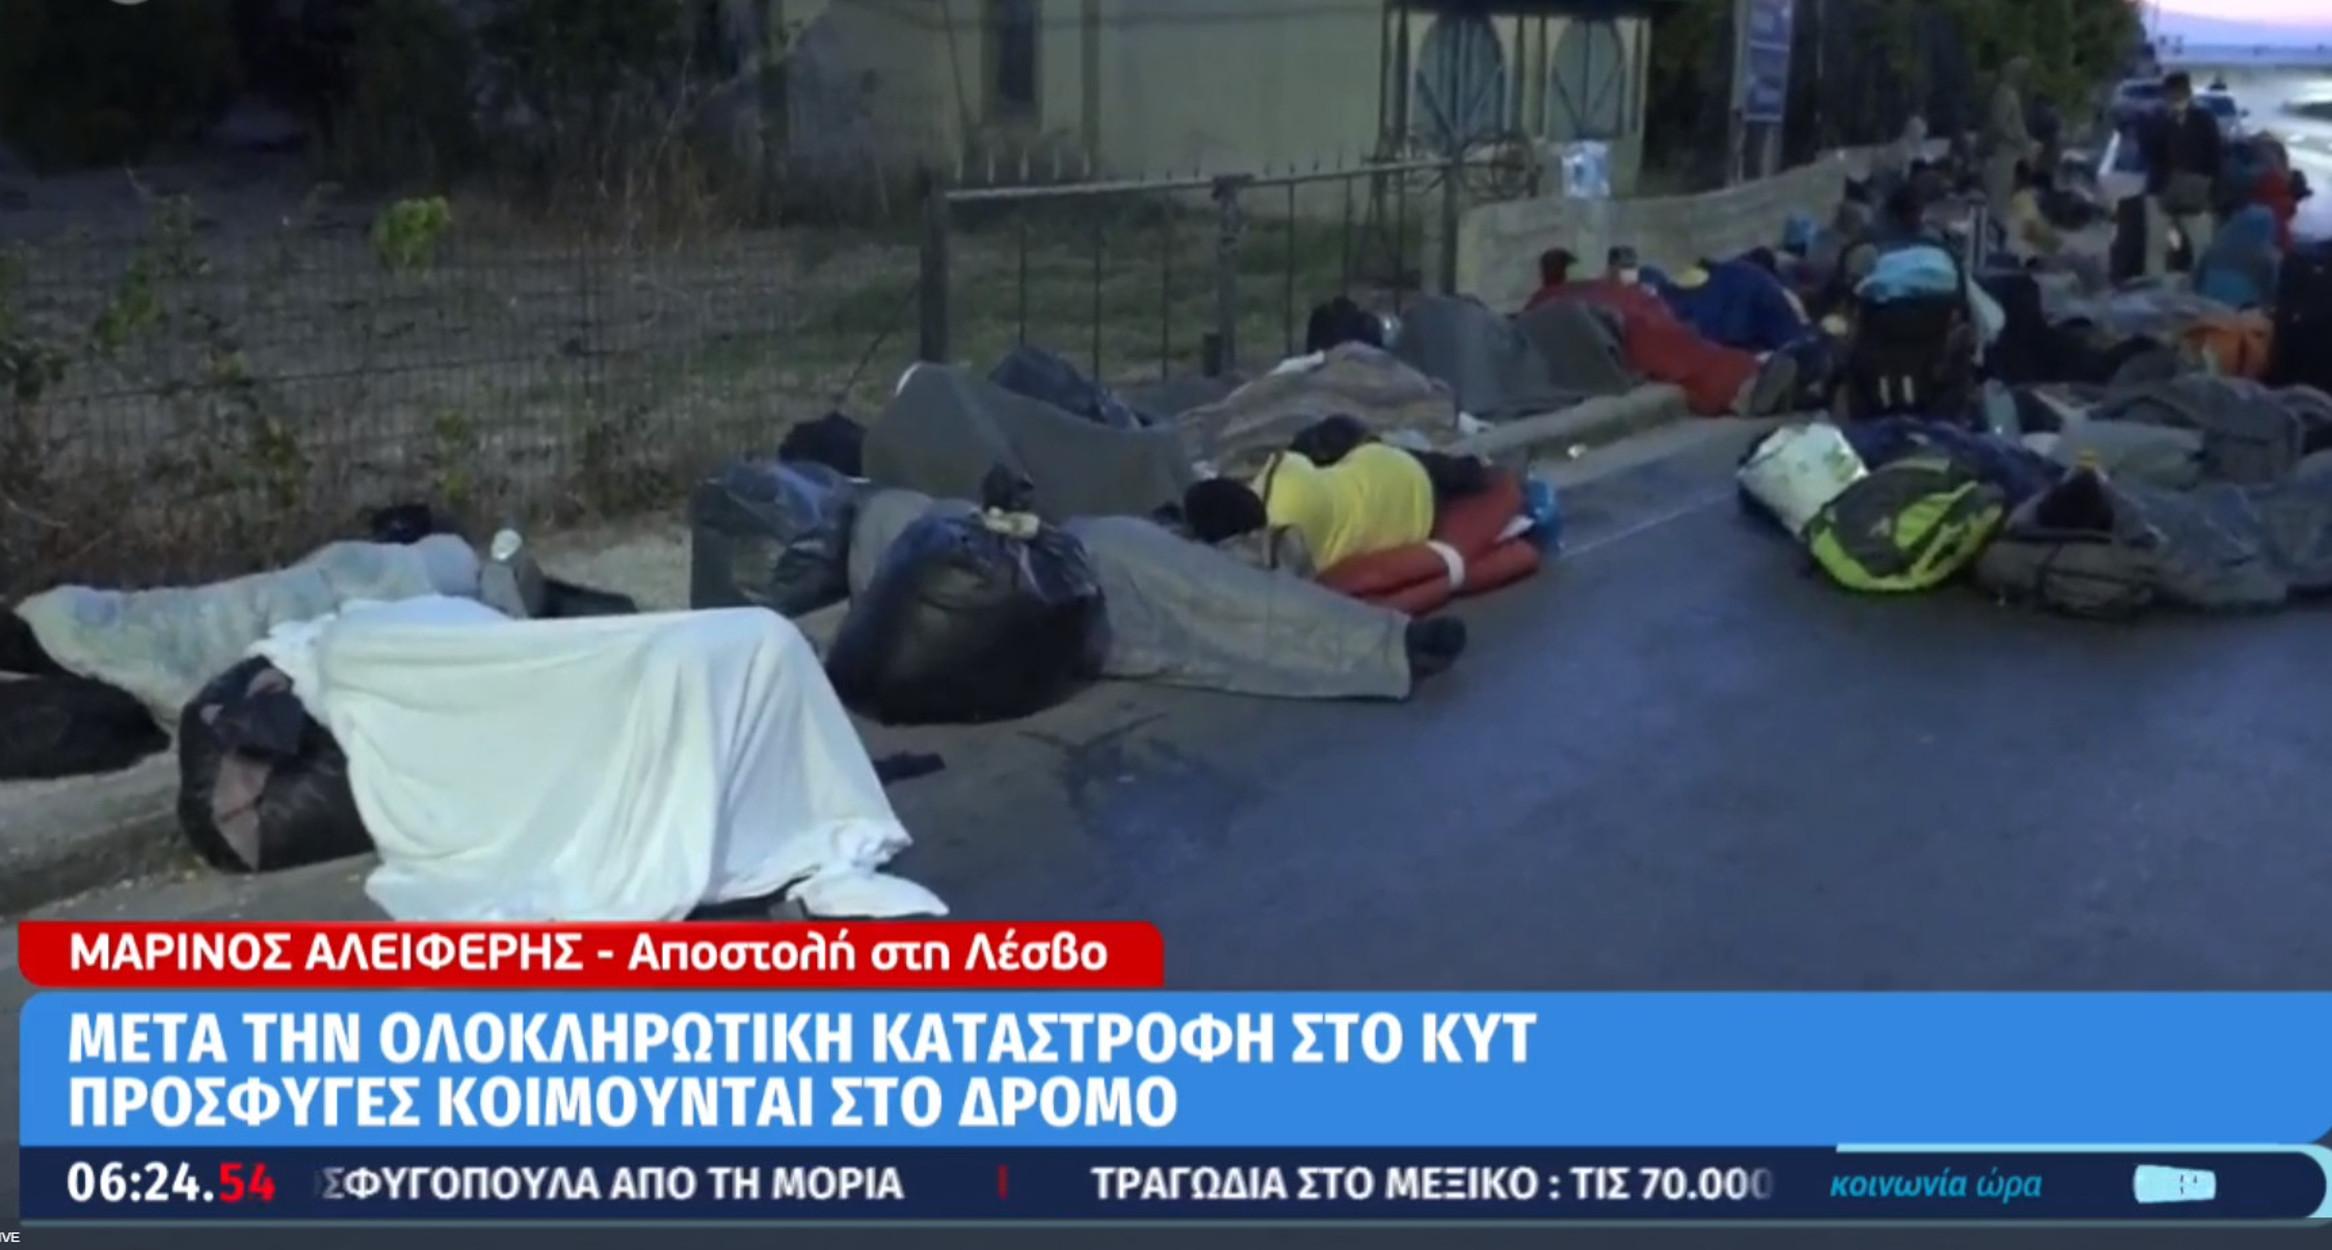 Θλιβερές εικόνες στη Μόρια! Άνθρωποι κοιμούνται μέσα στο δρόμο